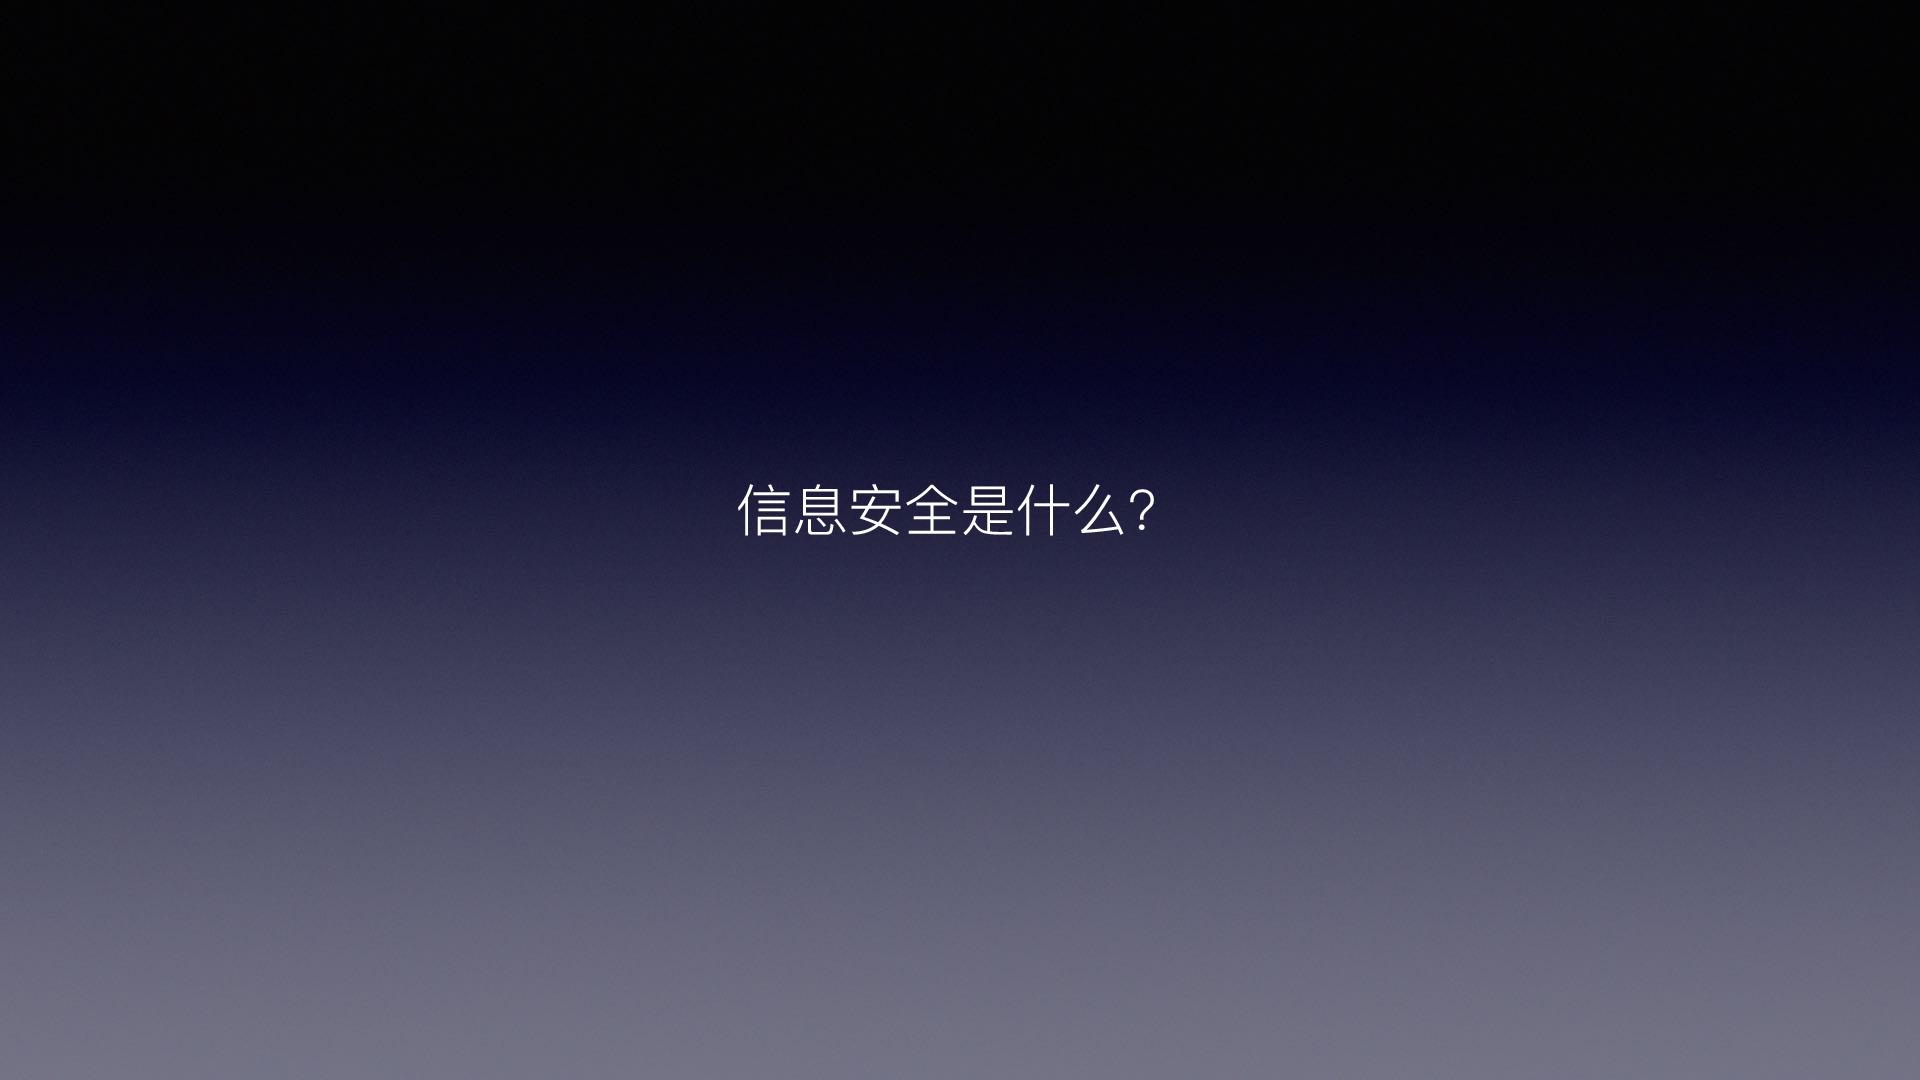 https://opentalk-blog.b0.upaiyun.com/prod/2017-10-31/2297d5d32a572d2d210cf65fde5fbde3